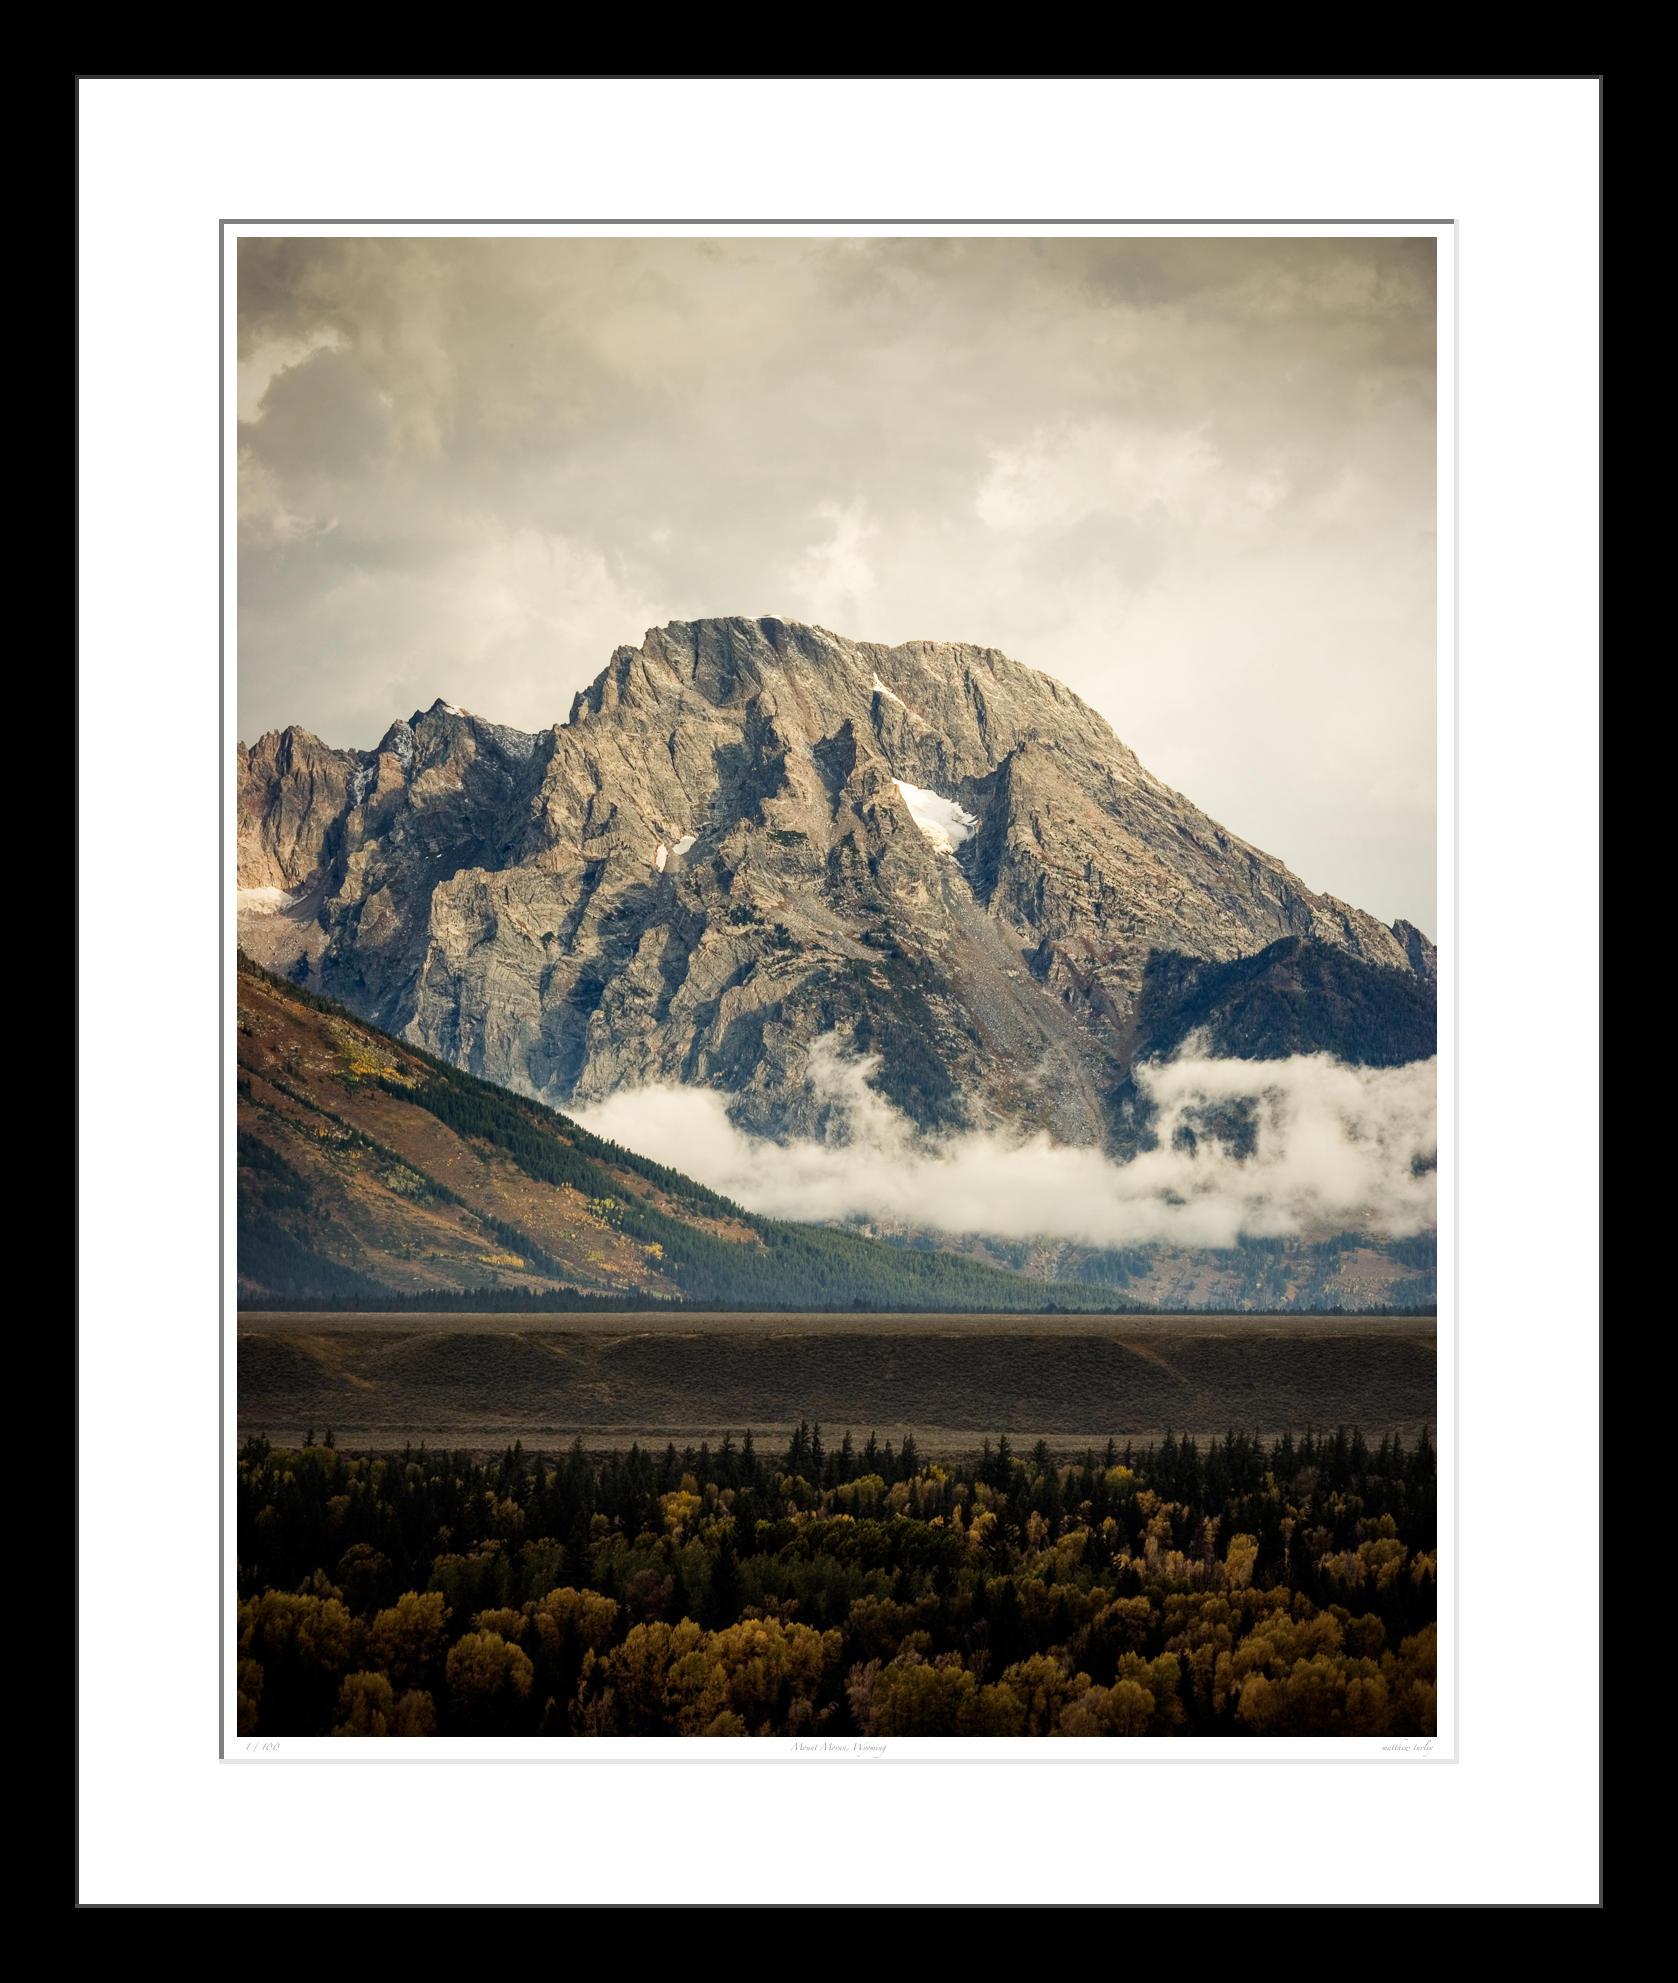 Mount Moran, Wyoming